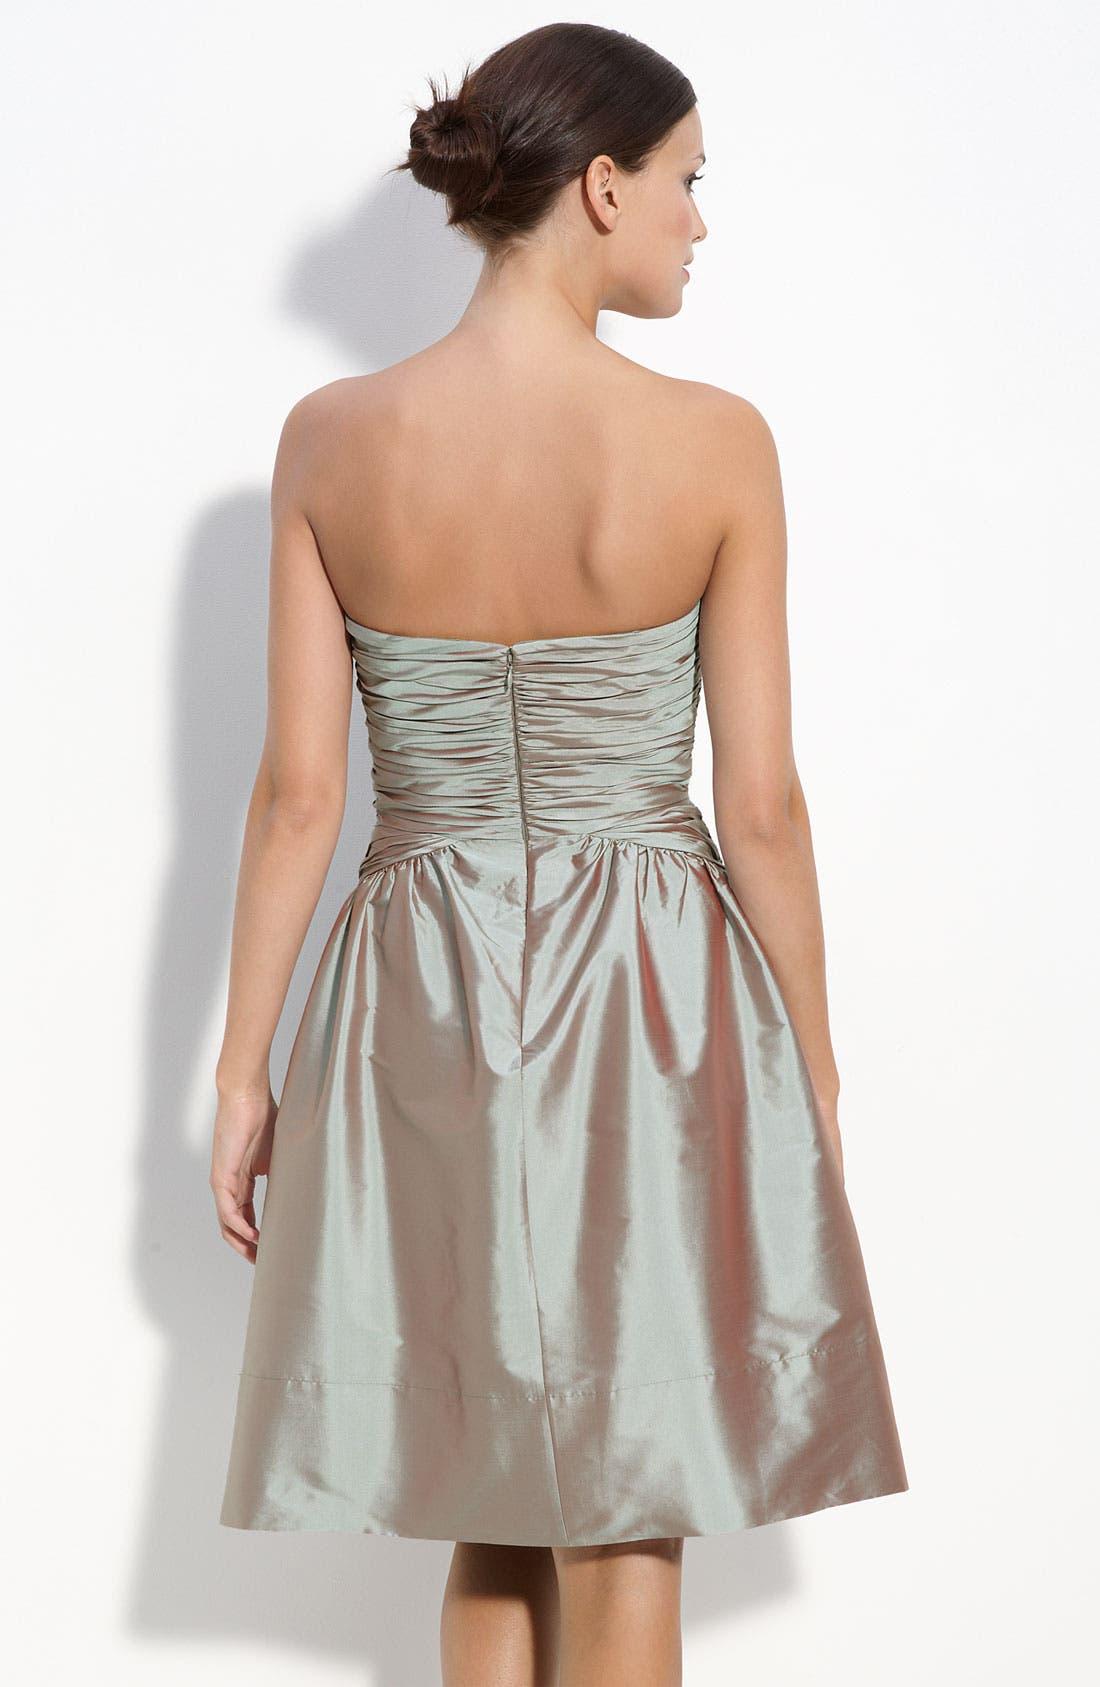 MONIQUE LHUILLIER BRIDESMAIDS,                             ML Monique Lhuillier Bridesmaids Strapless Taffeta Dress,                             Alternate thumbnail 2, color,                             953